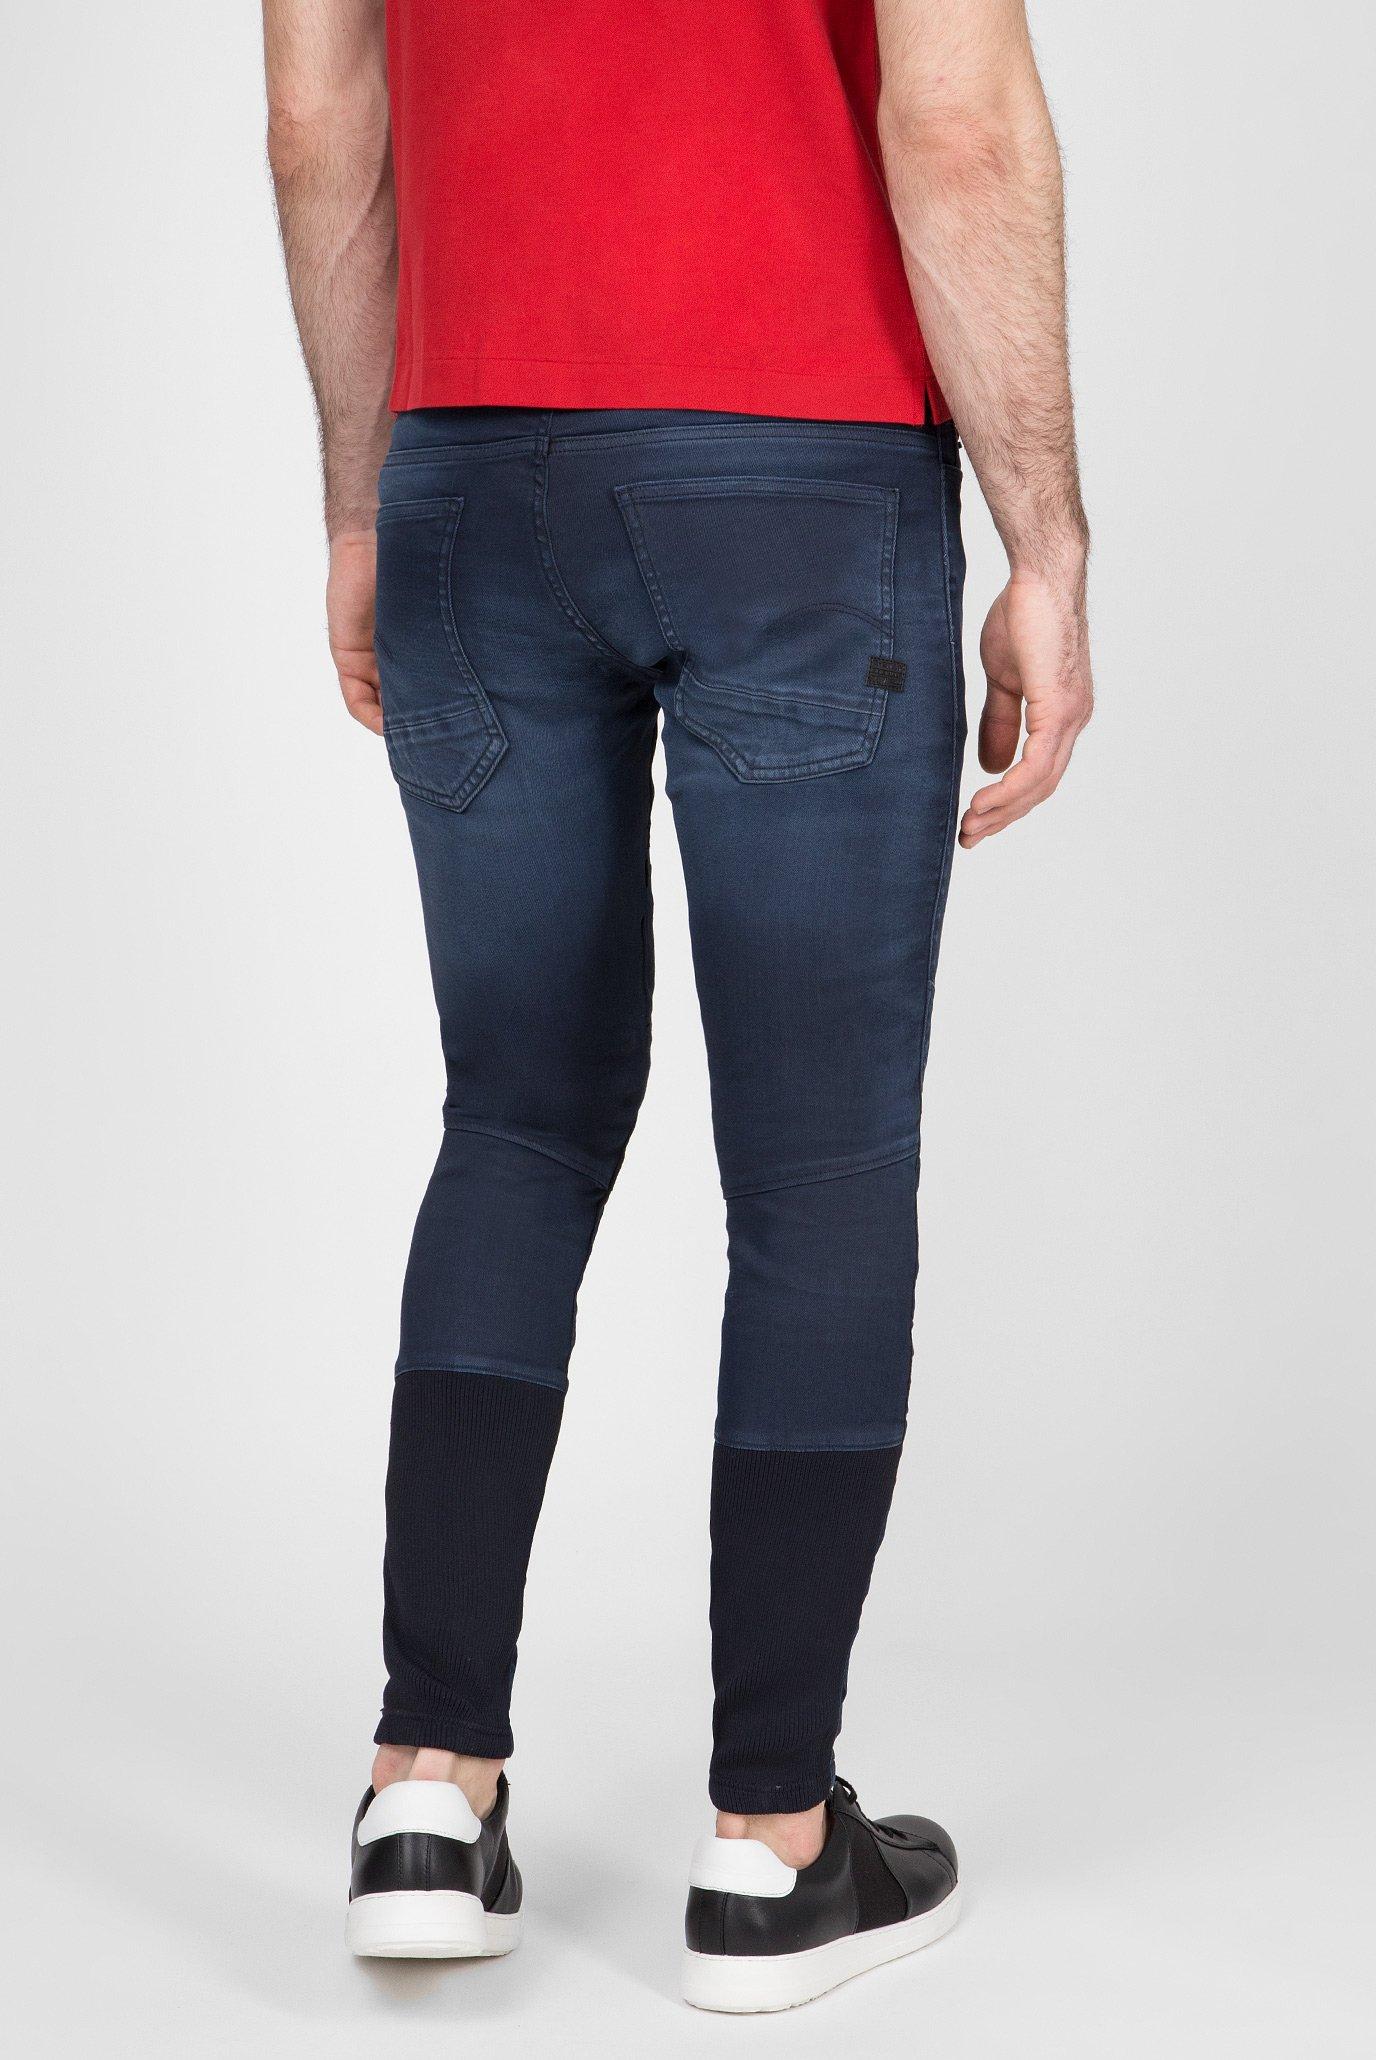 Купить Мужские синие джинсы Motac DDC G-Star RAW G-Star RAW D09518,B145 – Киев, Украина. Цены в интернет магазине MD Fashion